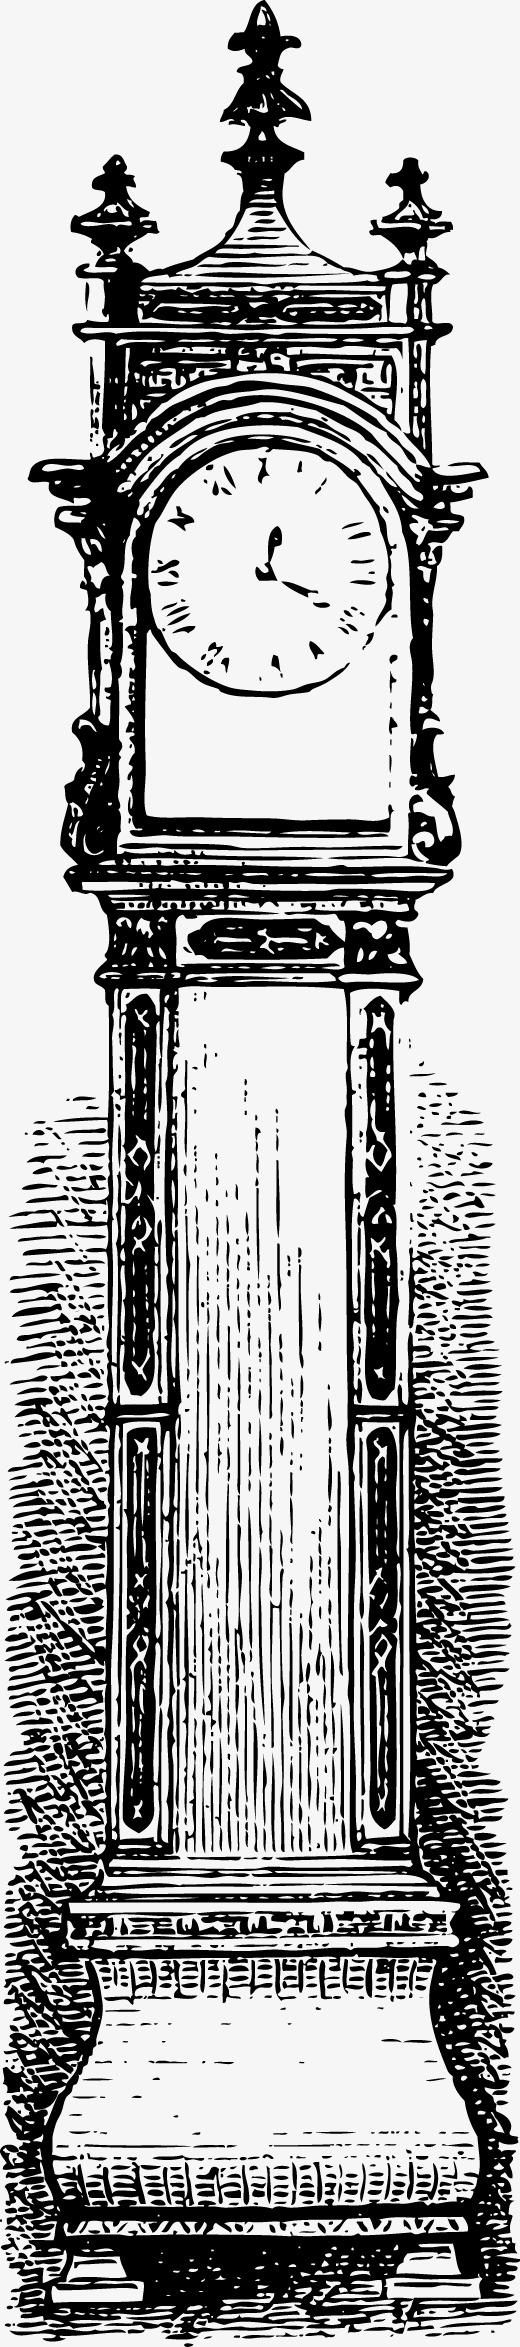 欧式手绘大本钟